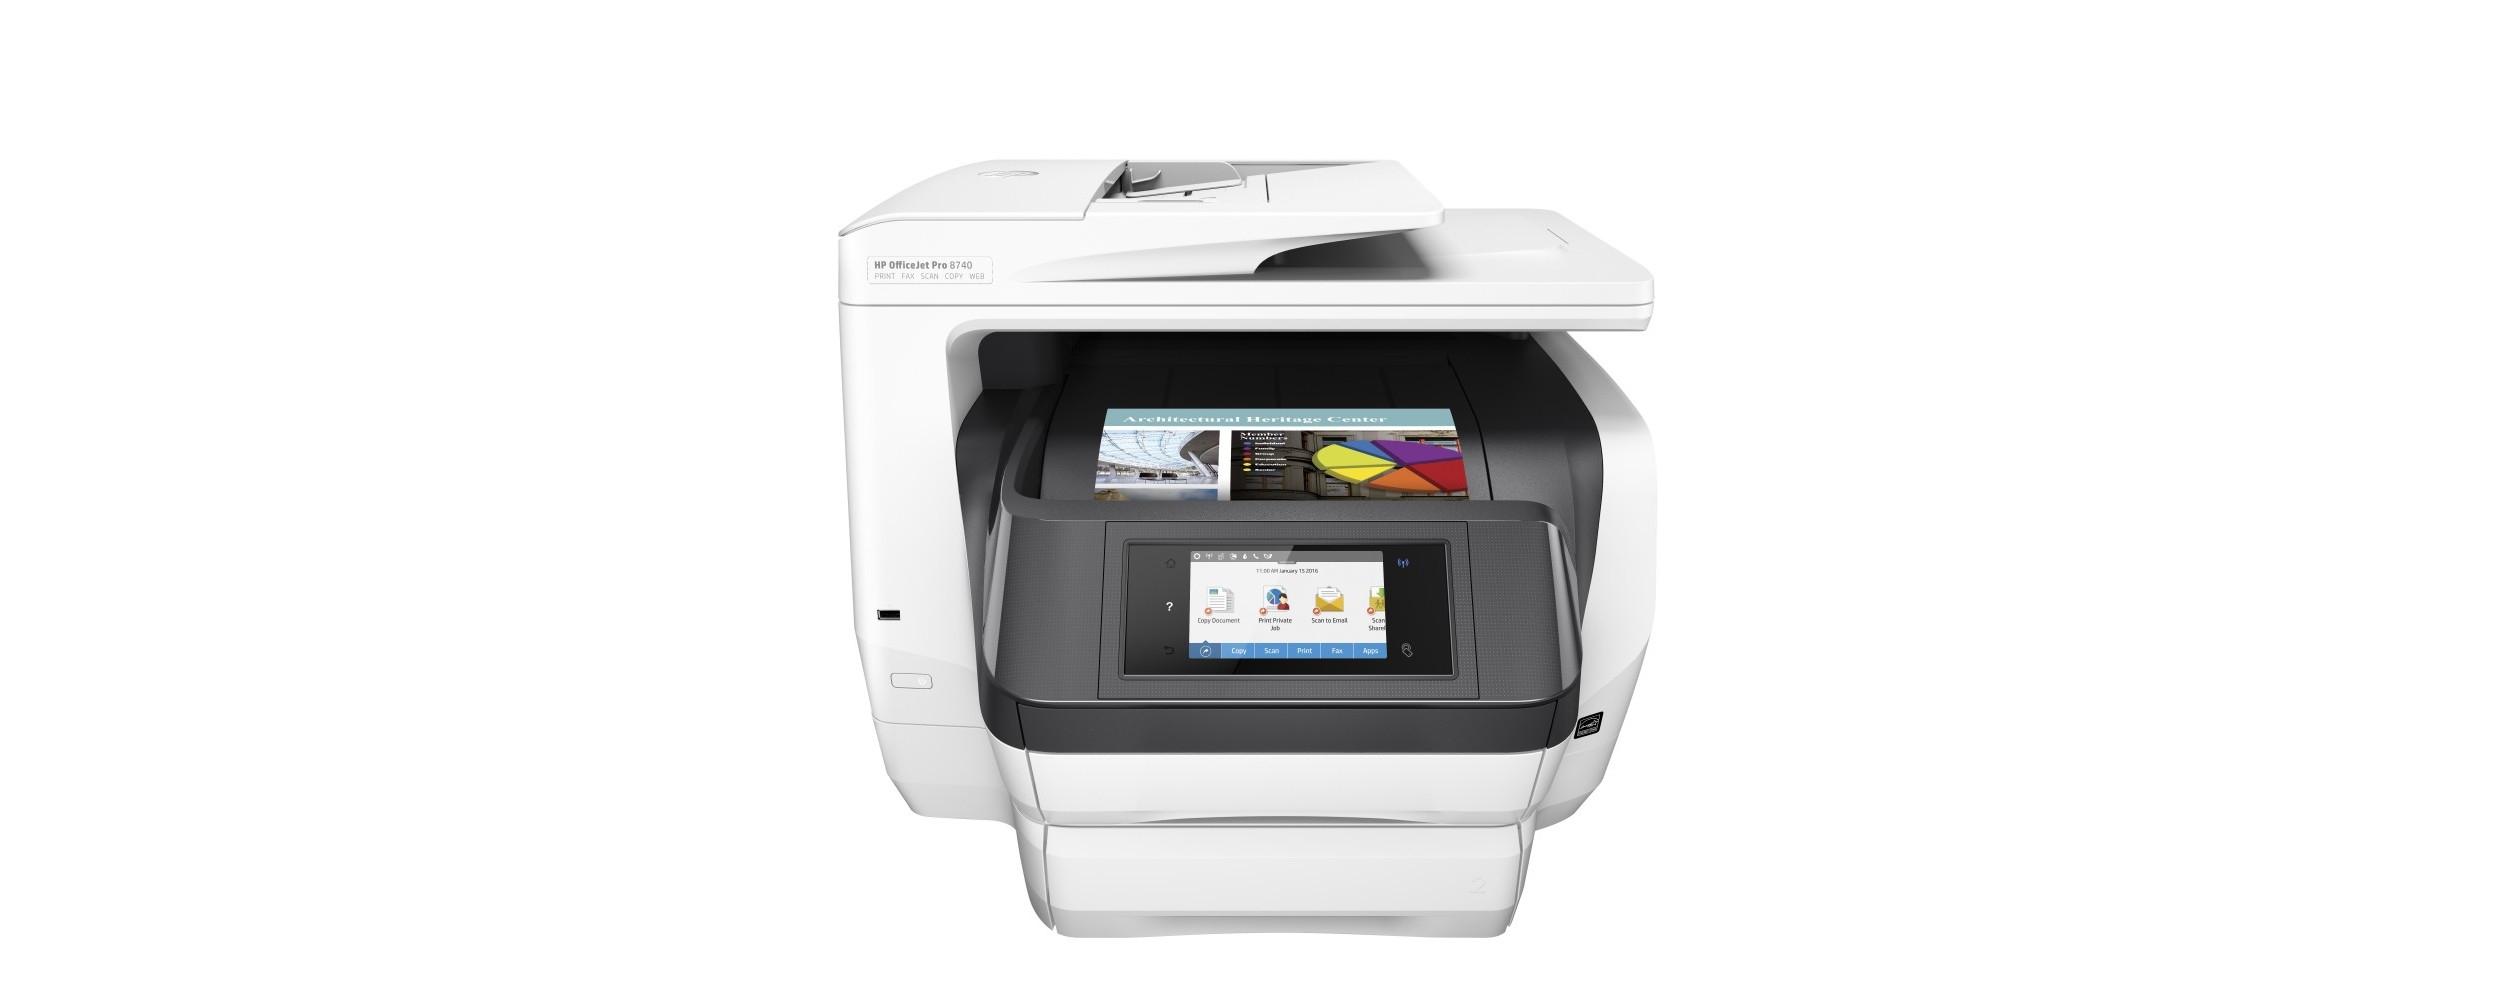 Cartuchos HP OfficeJet Pro 8740